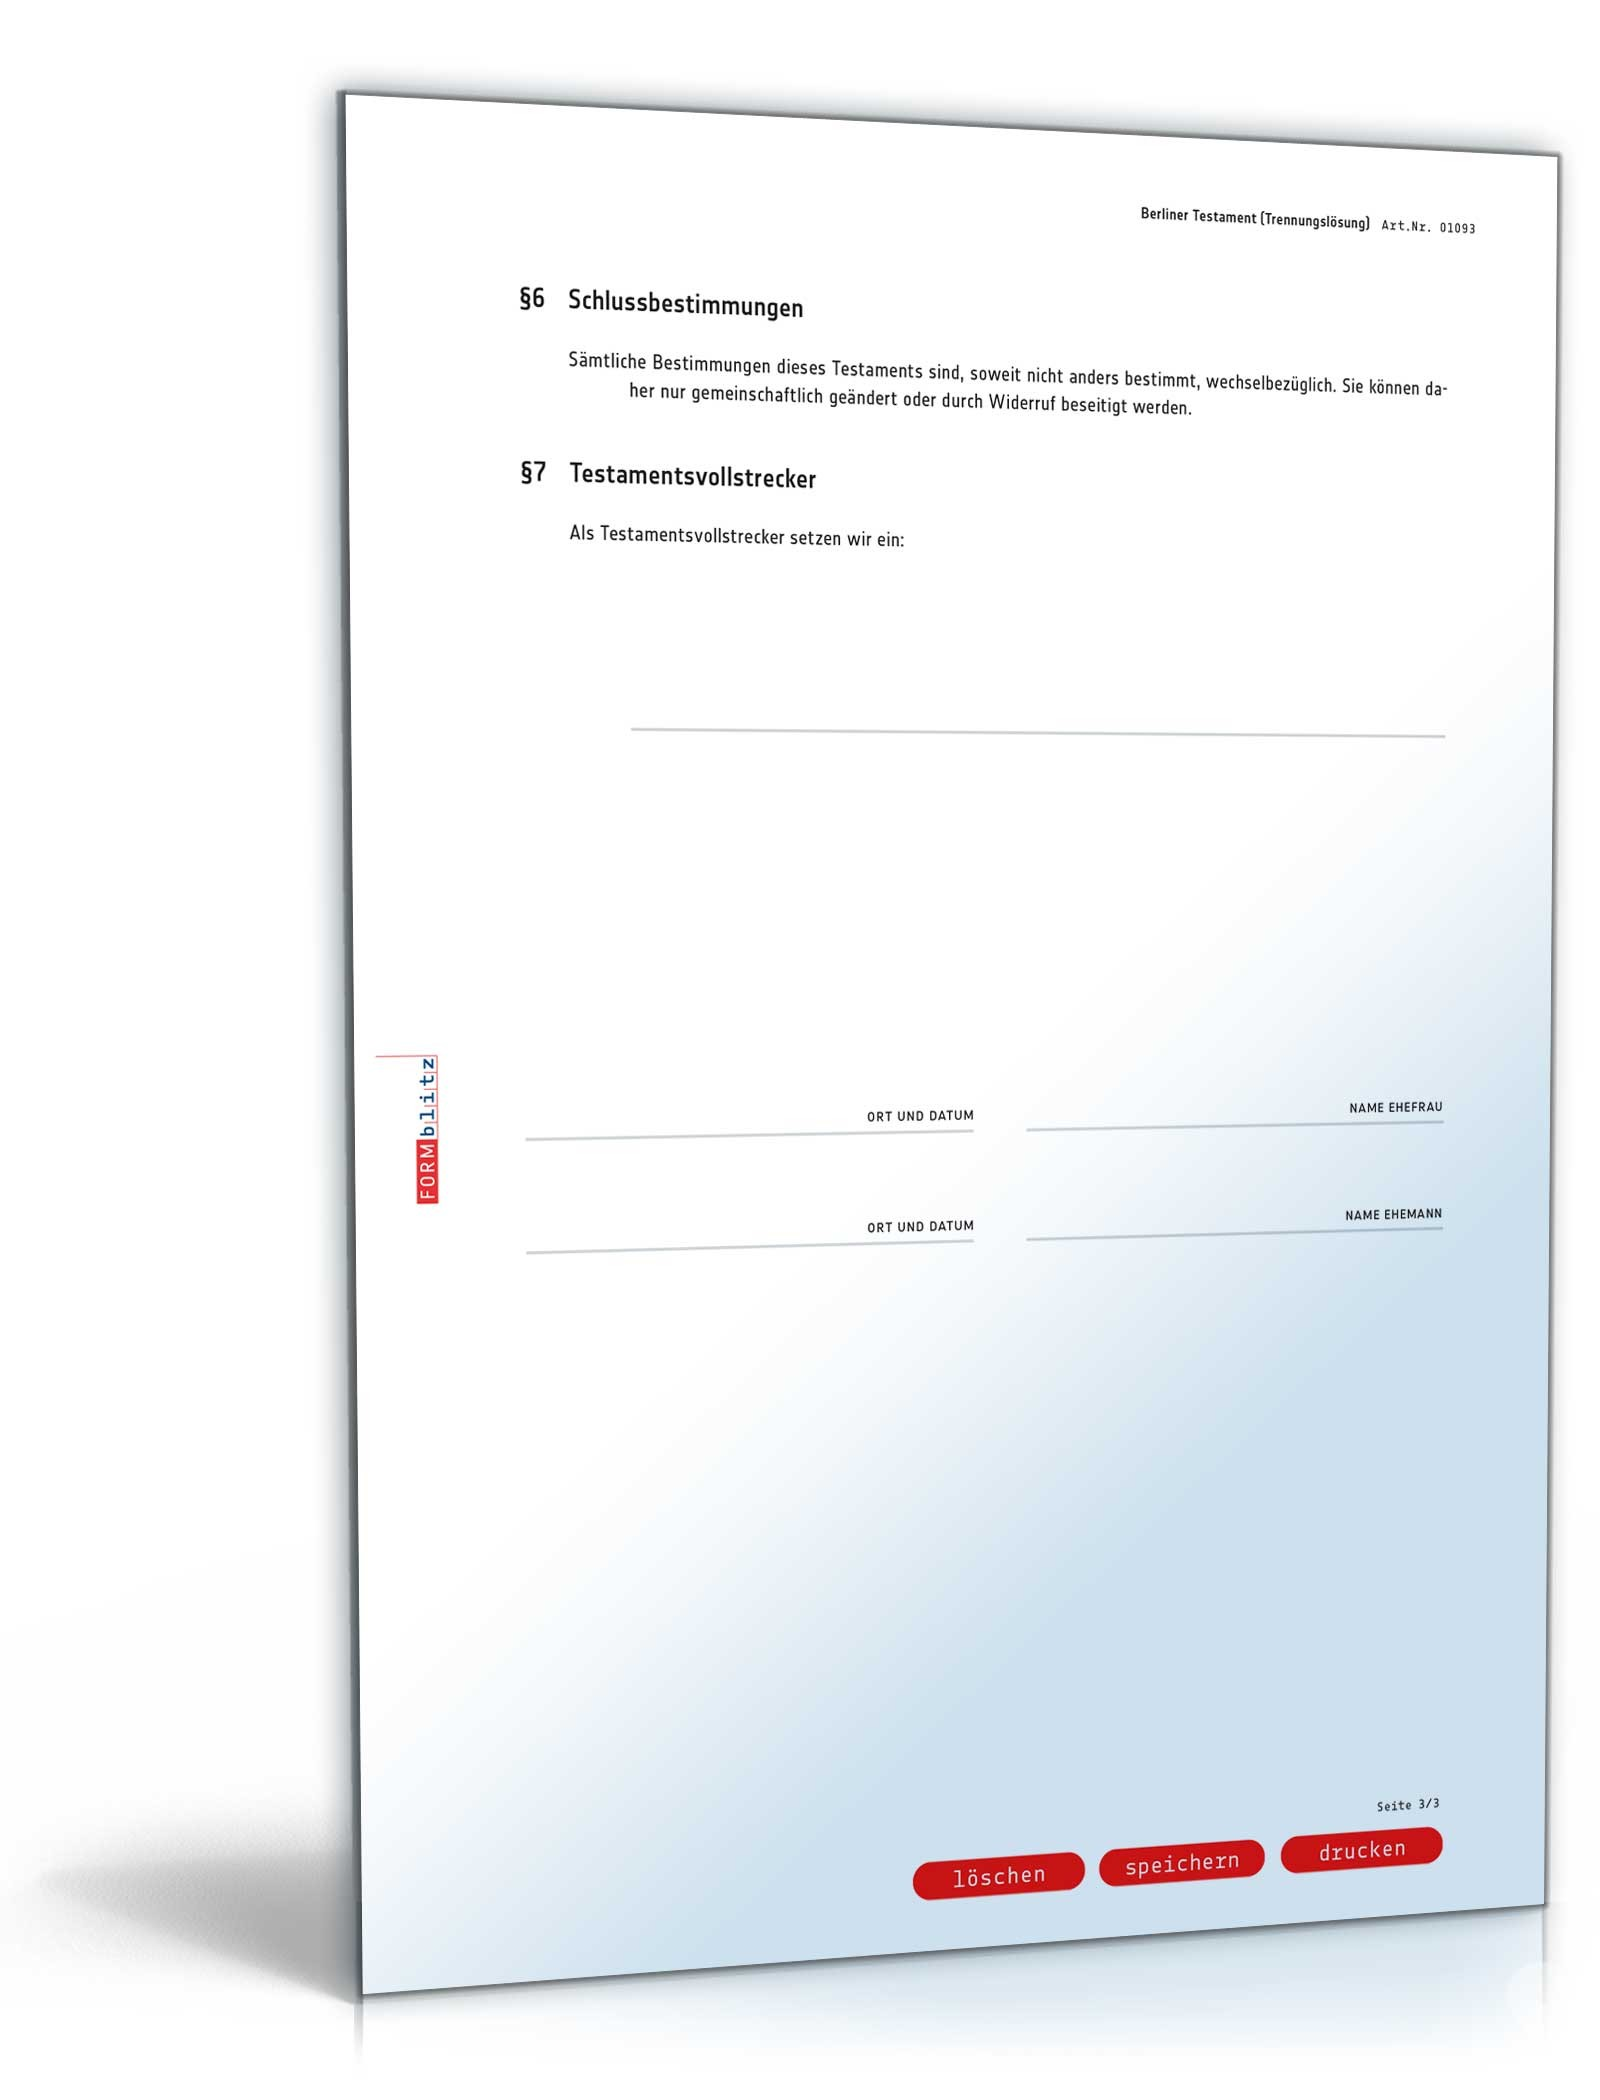 Fein Beispiel Lebenslauf Für Fresher B Tech Eee Kostenloser Download ...